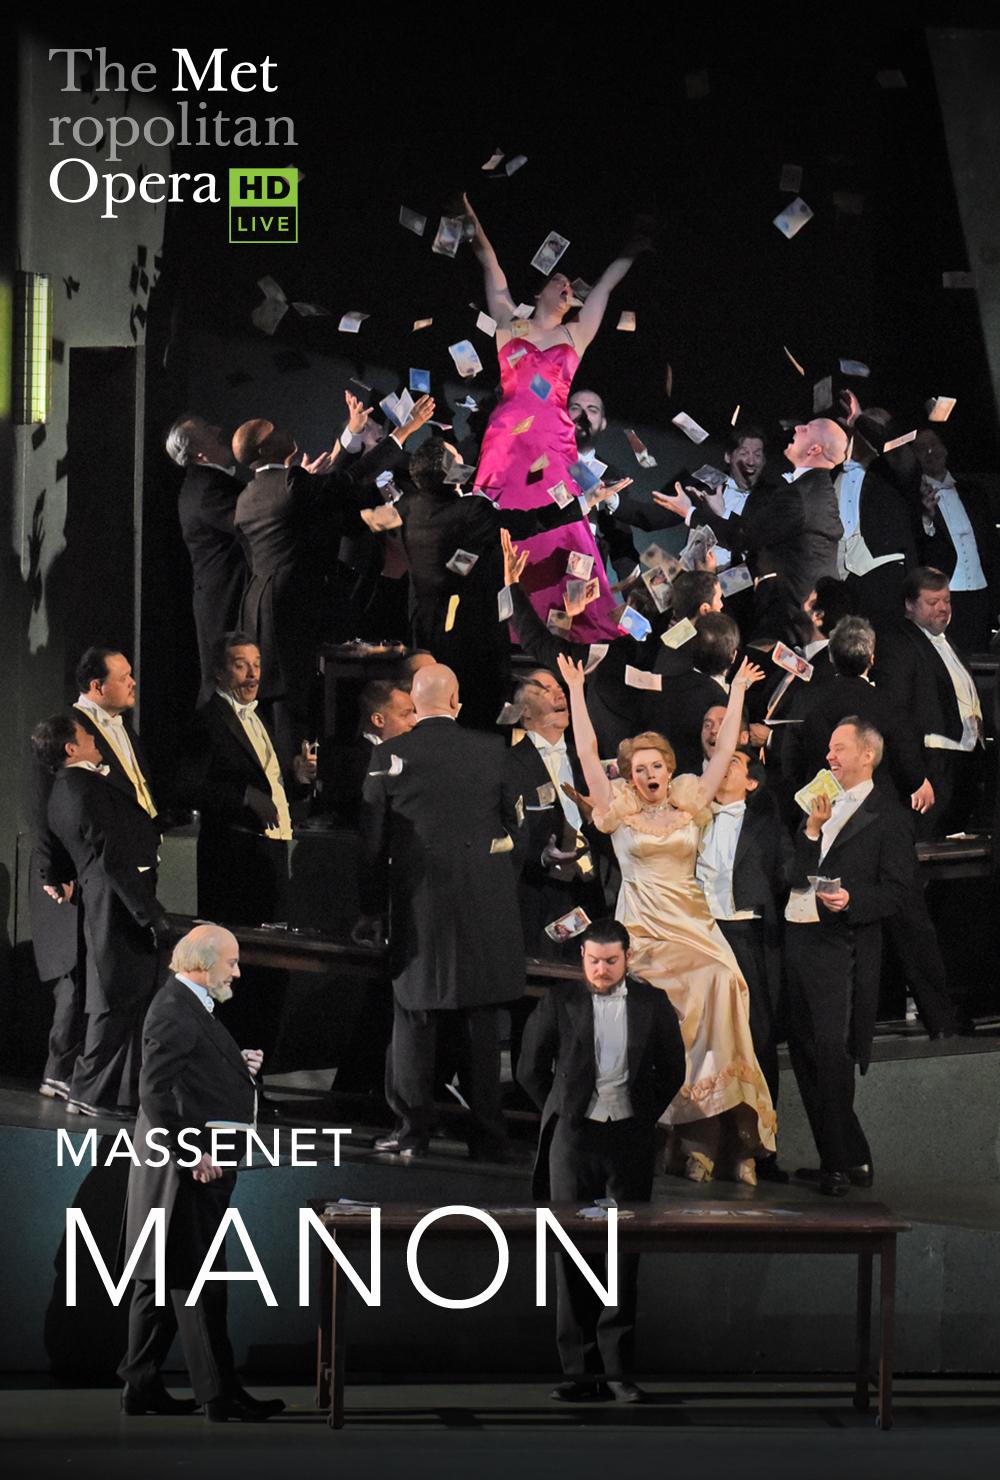 Massenet's